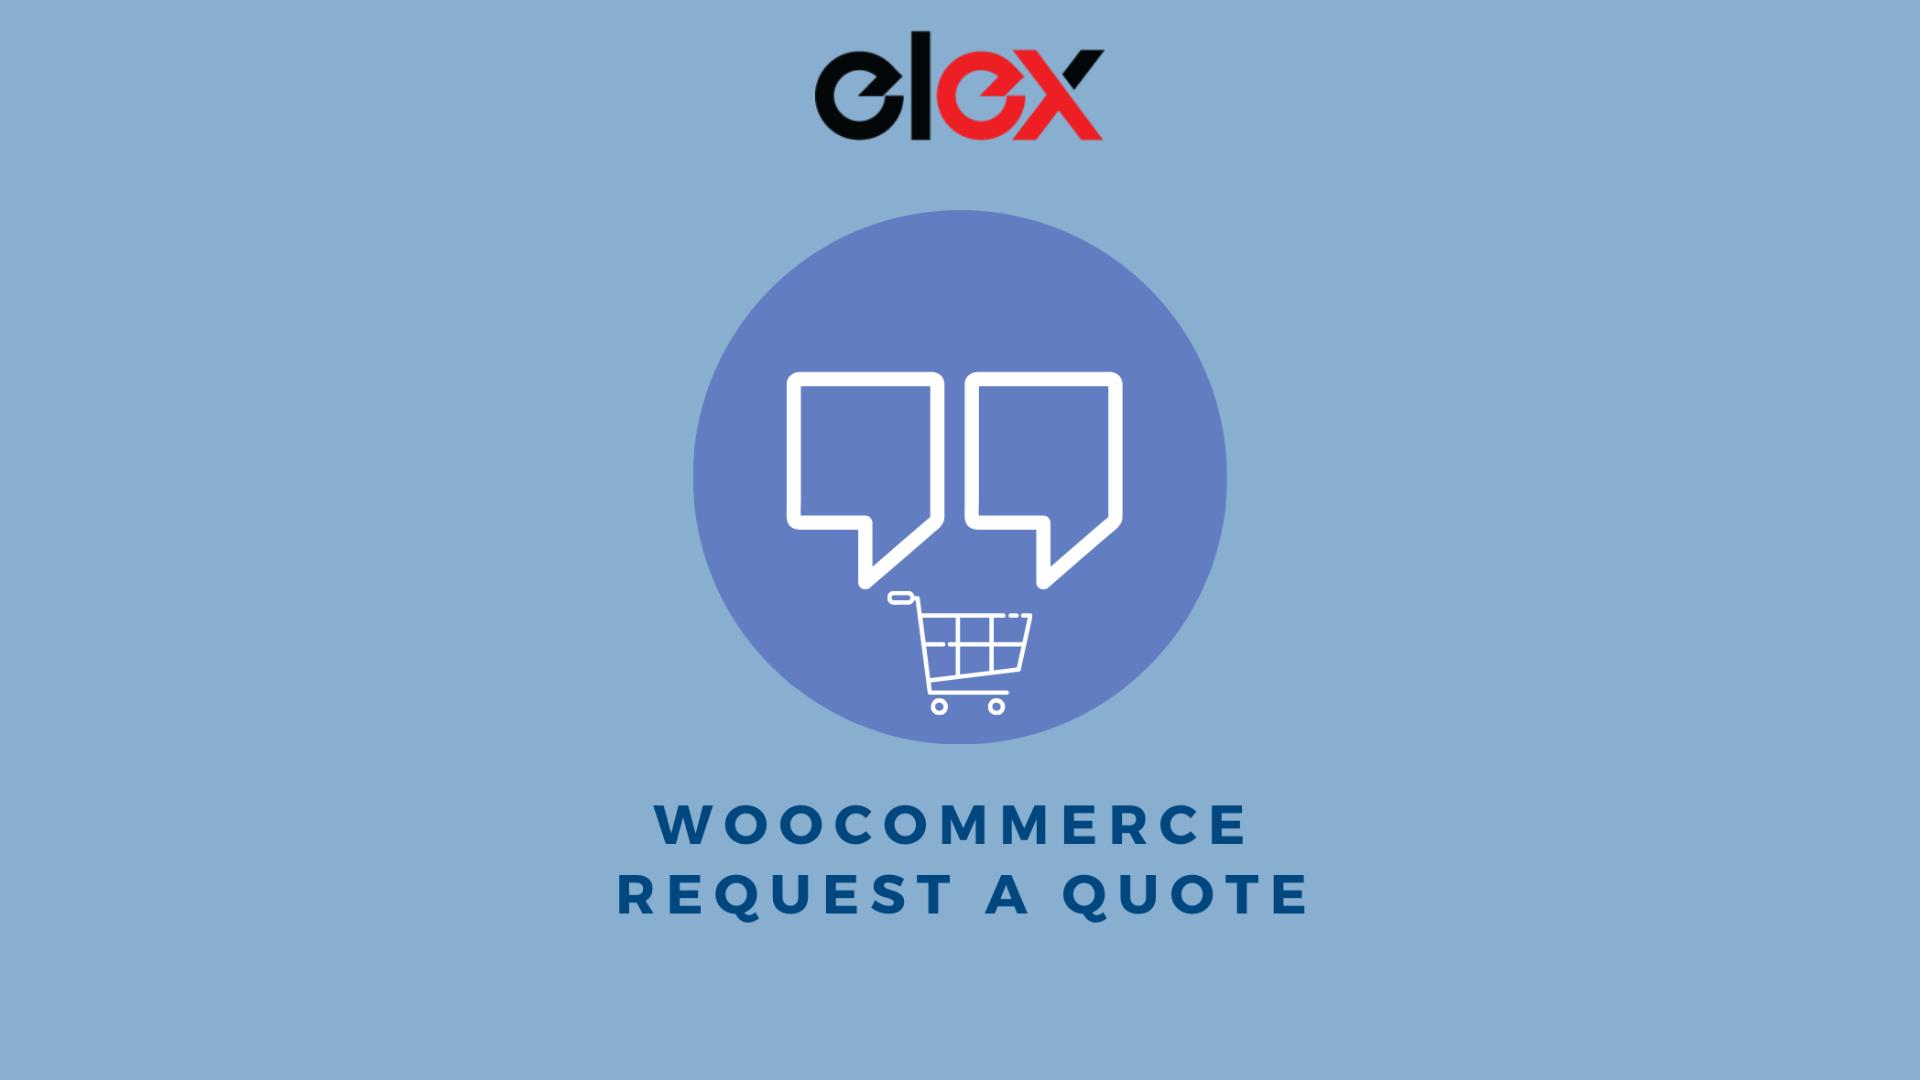 ELEX WooCommerce Request a Quote Plugin, request a quote, request a quote wordpress